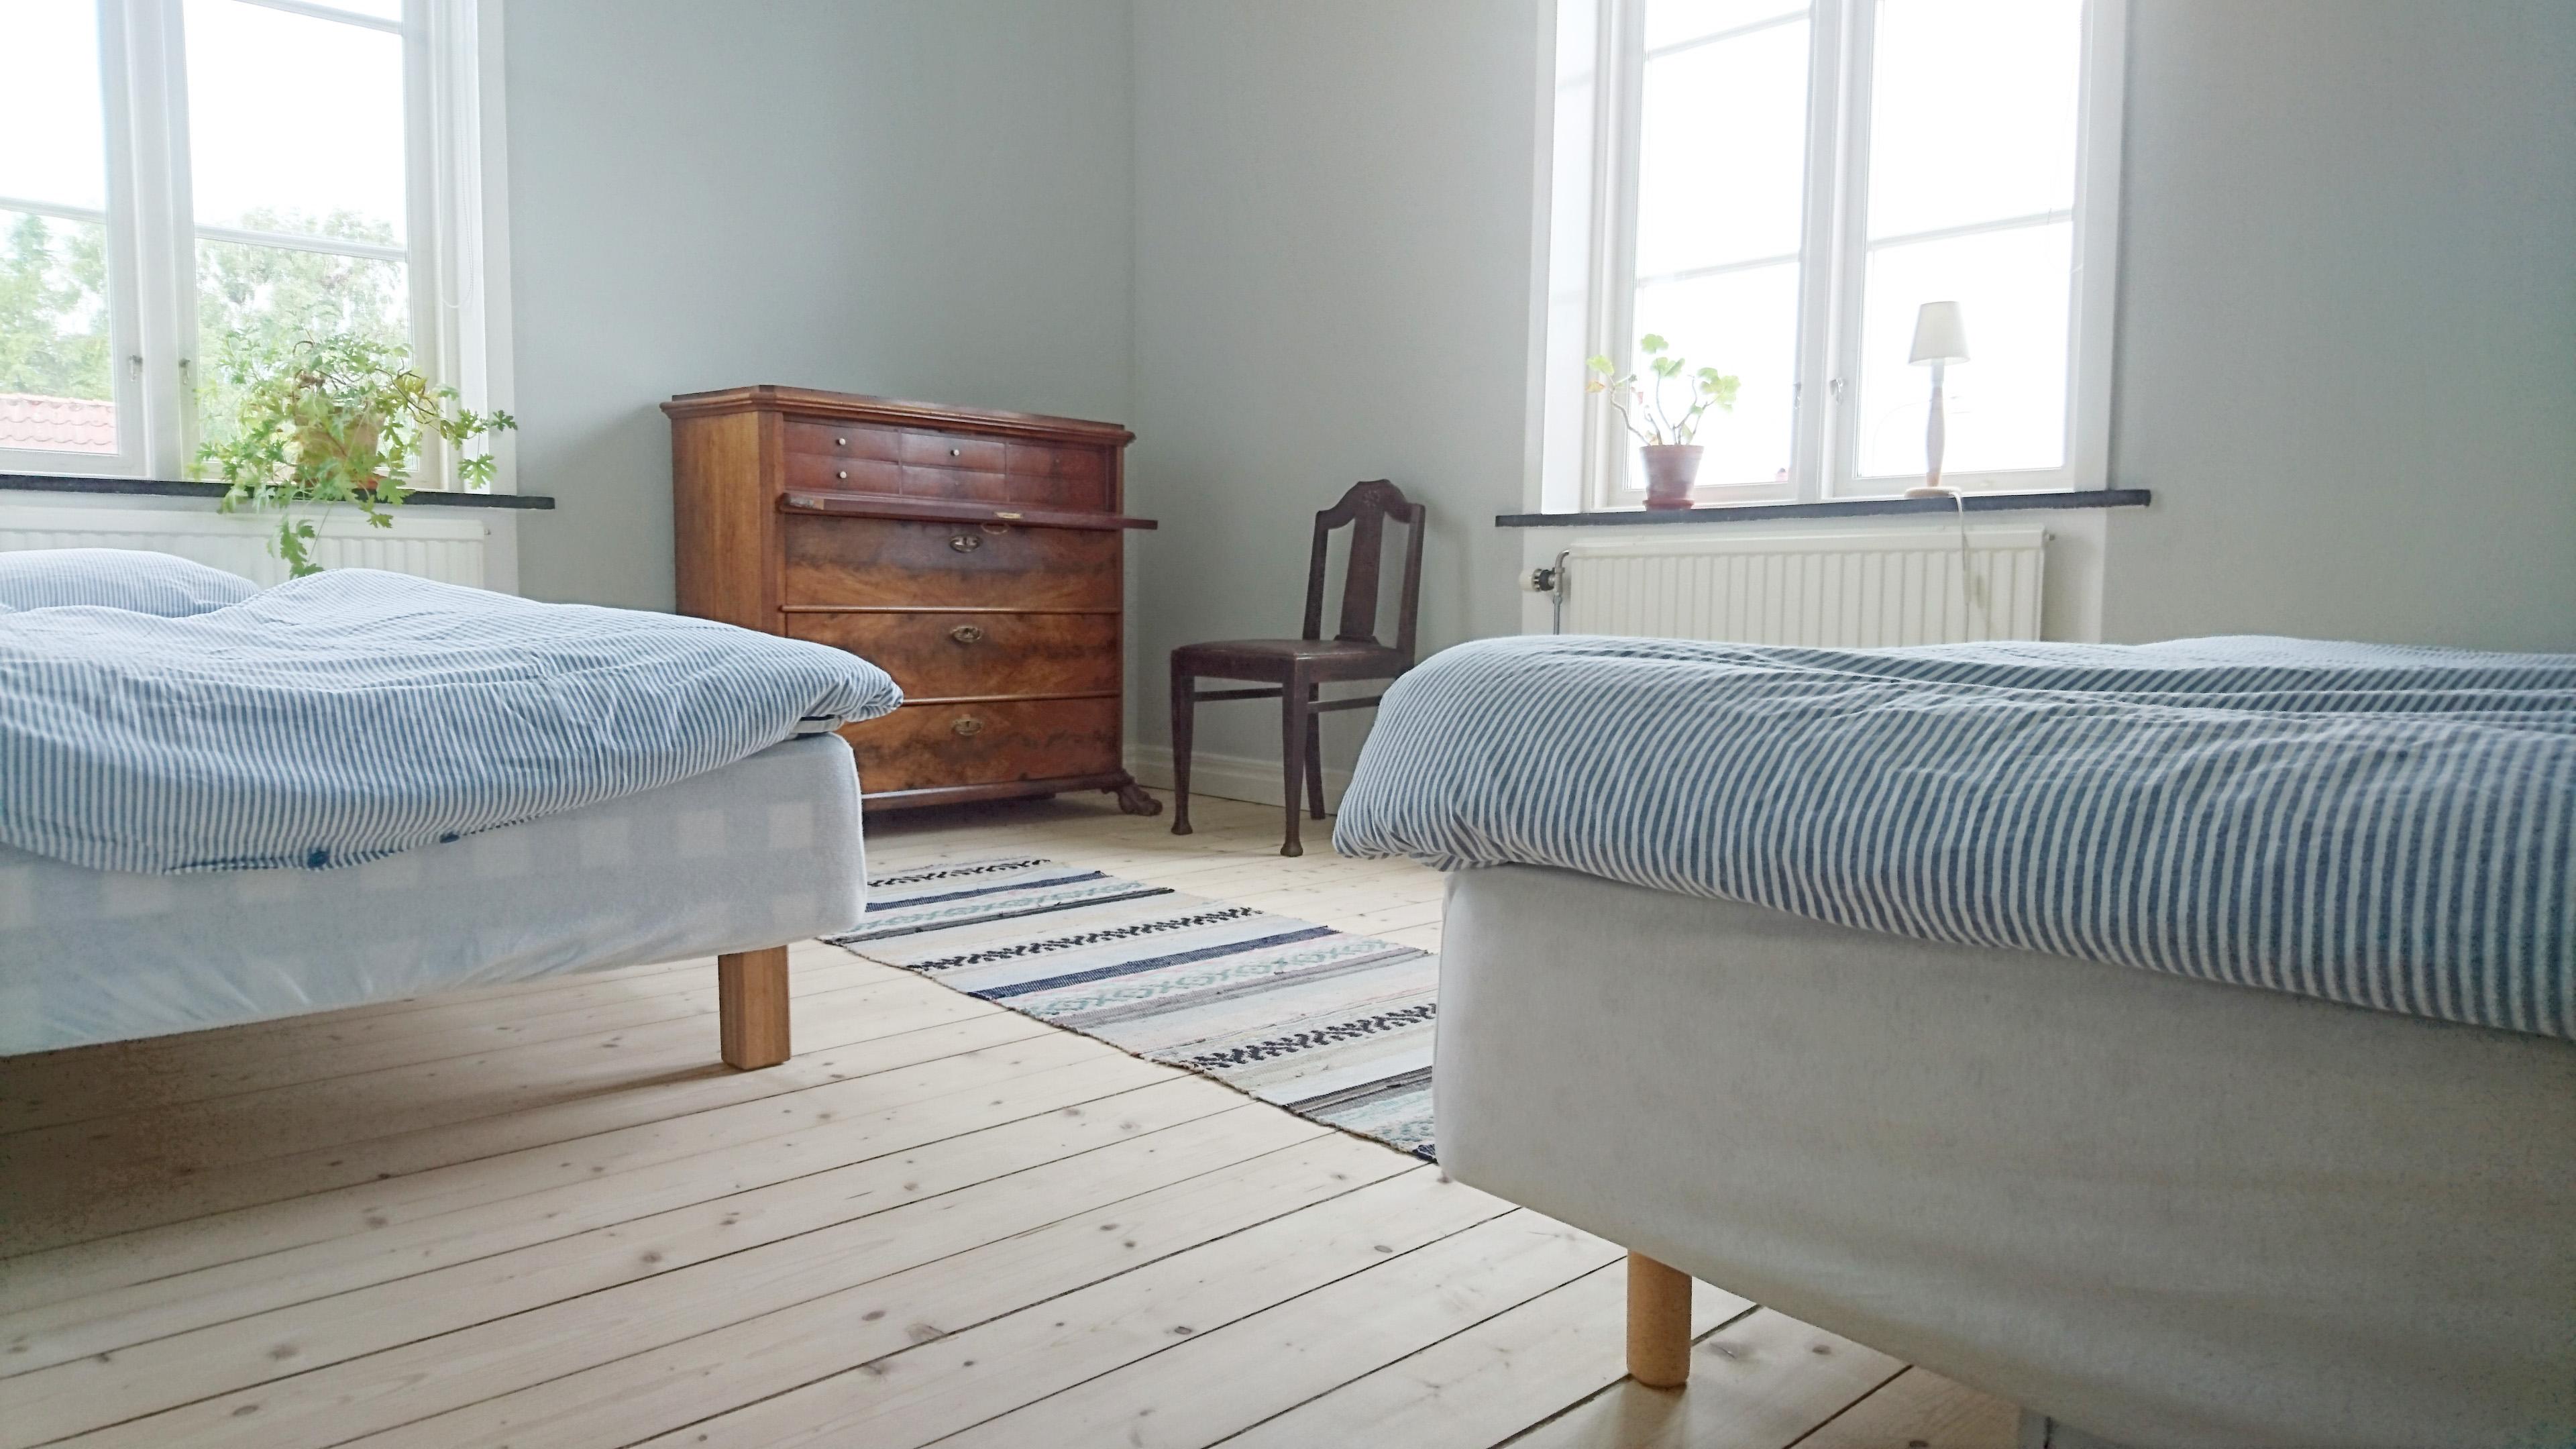 Rummet i öster har två sängar, en 90 cm bred Hästenssäng och en 105 cm.